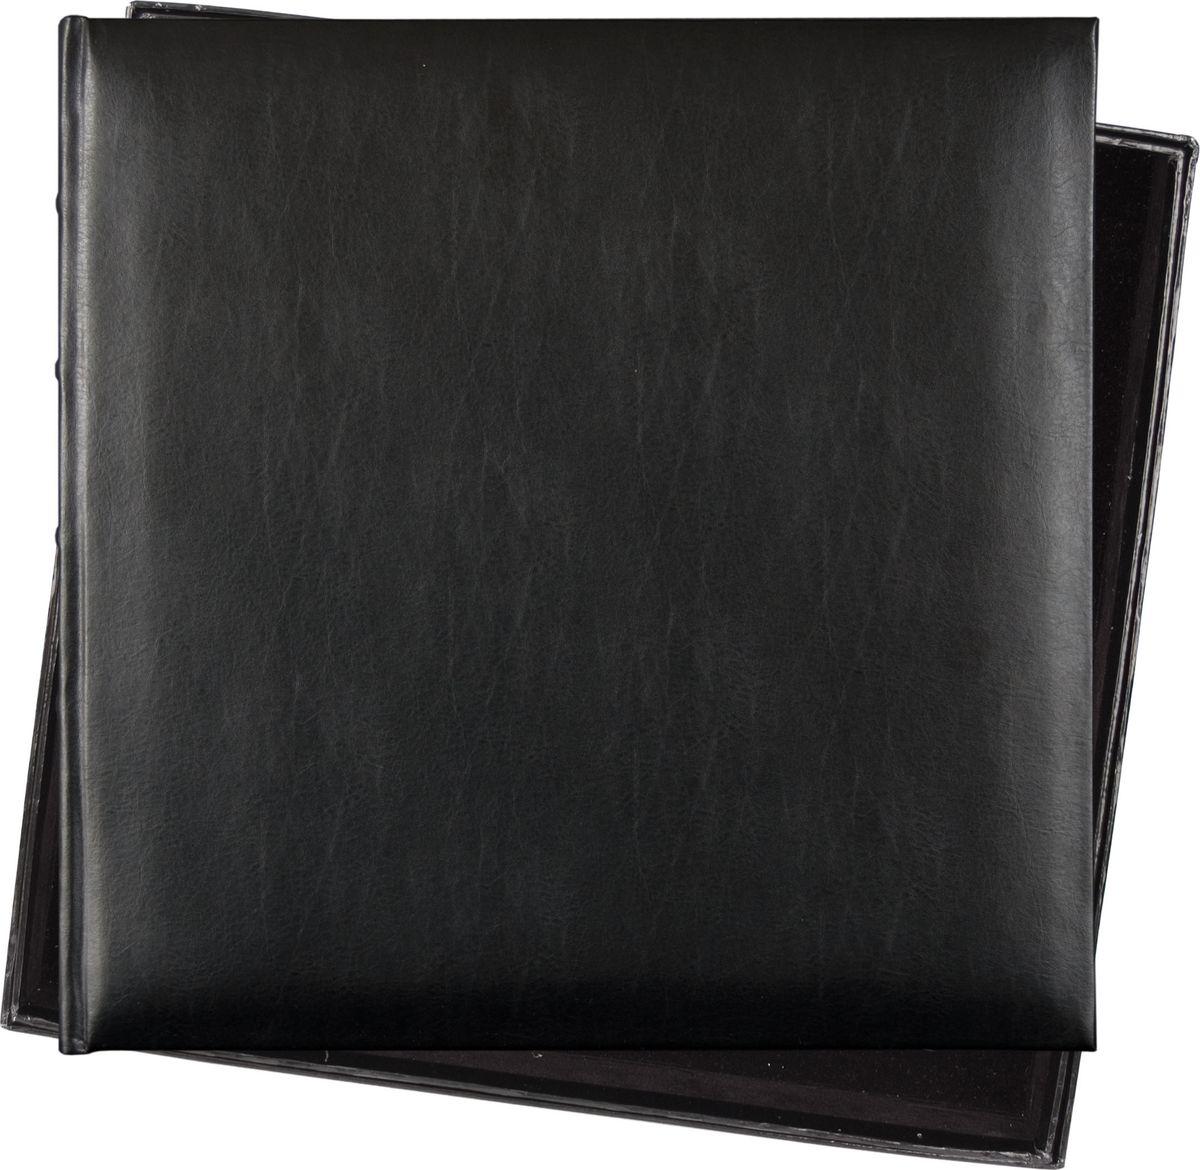 """Фотоальбом Innova """"Bonded Leather"""" имеет обложку из плотного картона и винила. Альбом рассчитан на 120 страниц размером 36 х 36 см. Страницы изготовлены из плотной бумаги и скреплены книжным переплетом. Фотоальбом является универсальным подарком к любому празднику. Родным, близким и просто знакомым будет приятно помещать фотографии в этот альбом."""